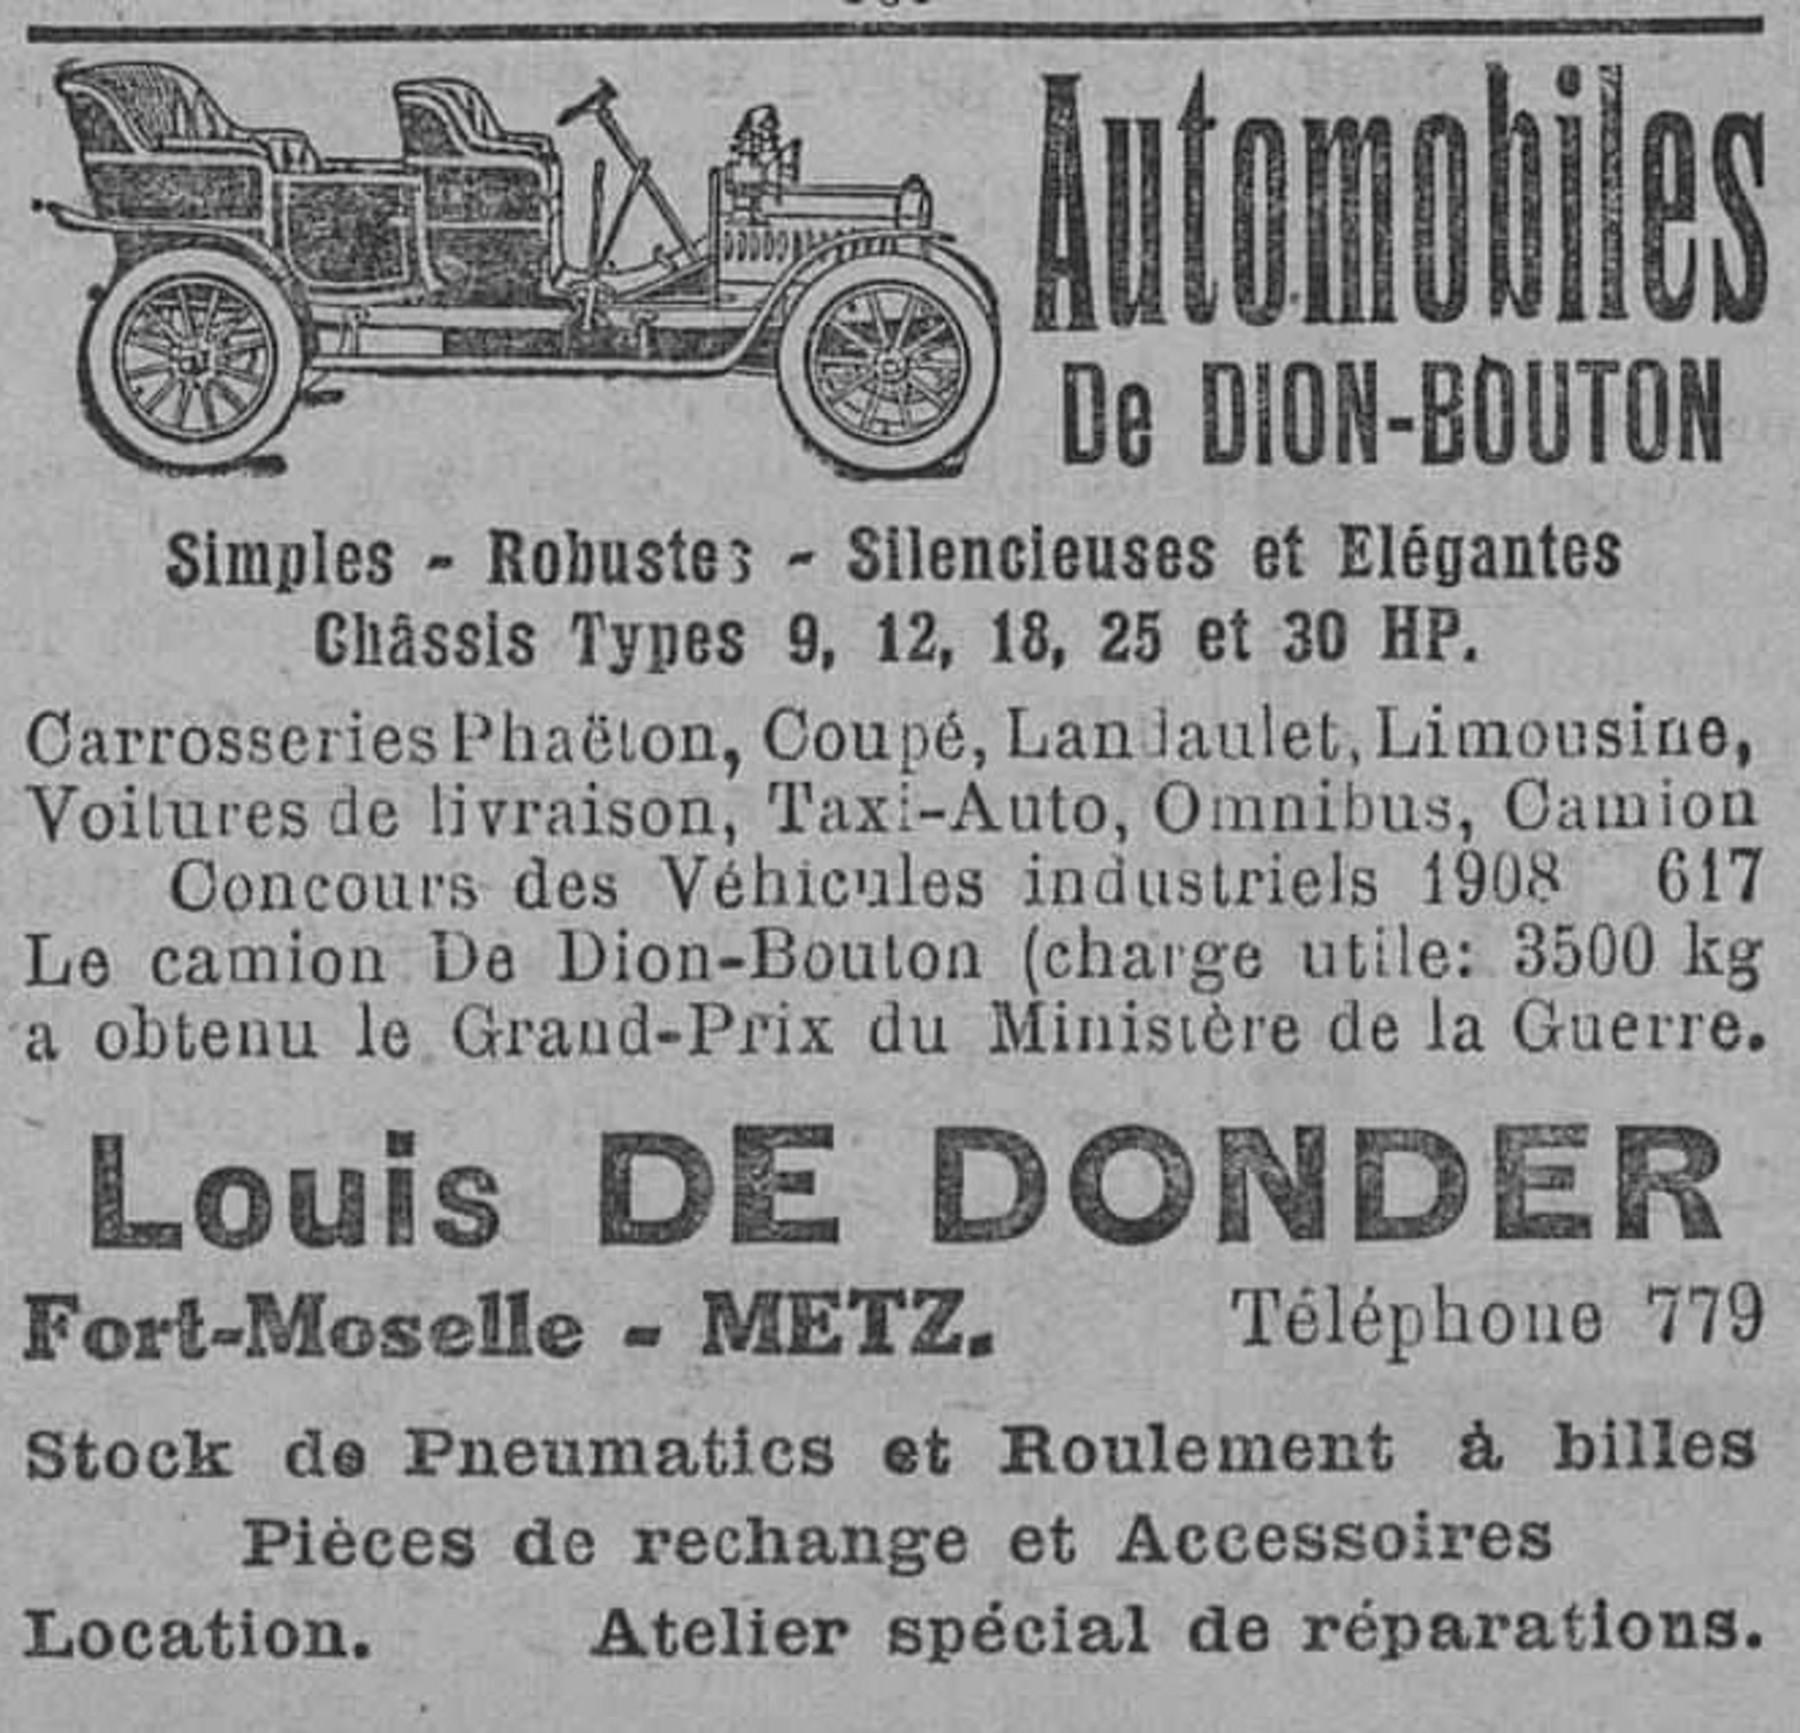 Contenu du Automobiles De Dion-Bouton